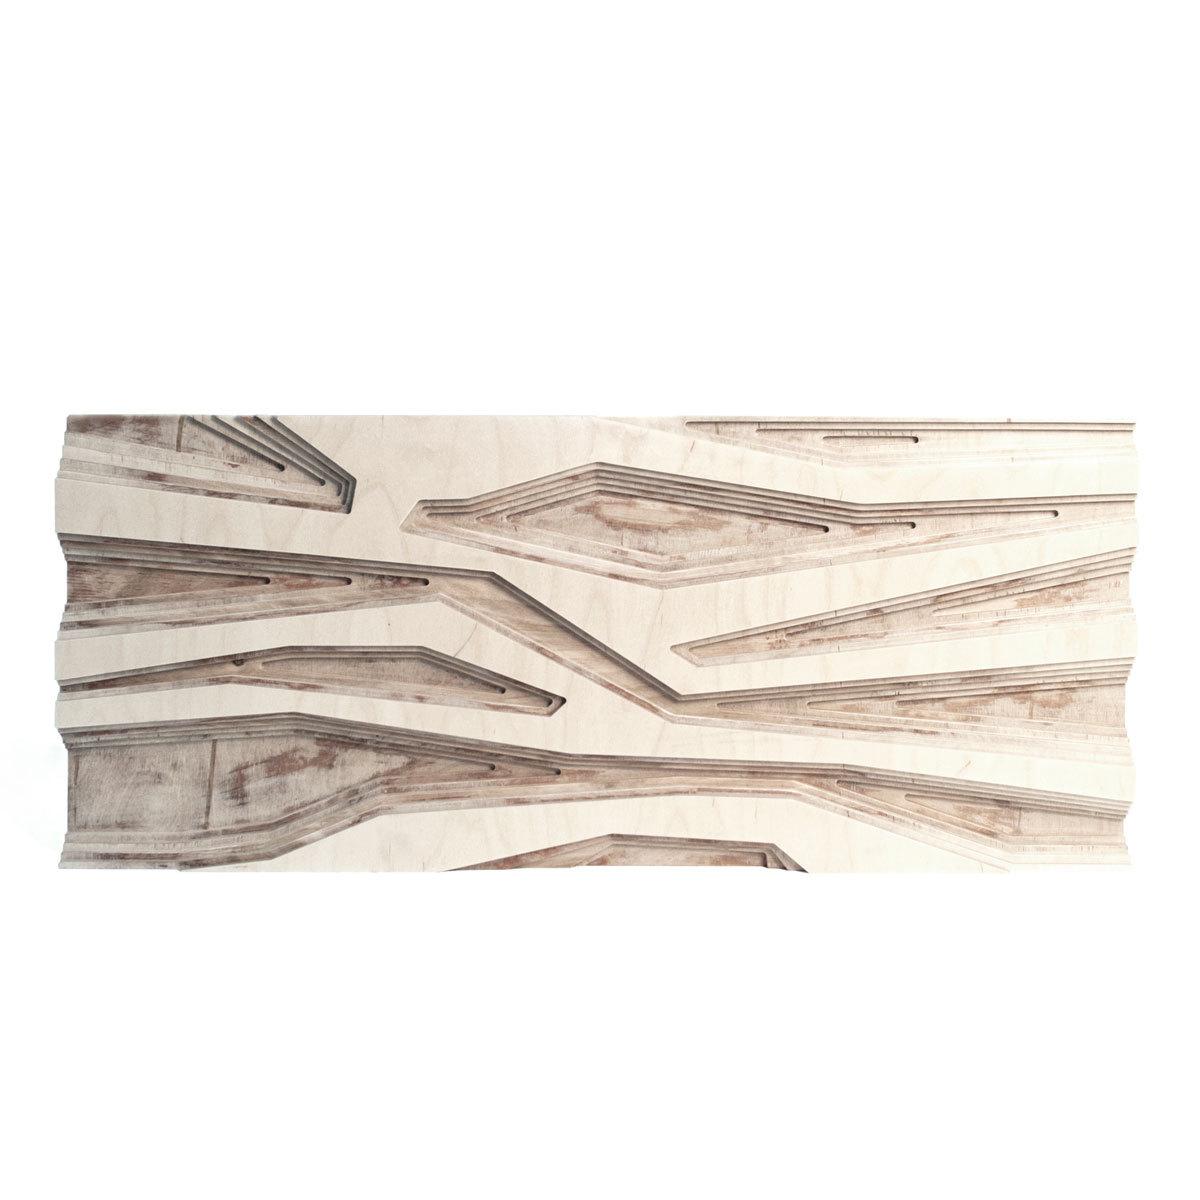 Панно AnglewaveПанно<br>Декоративное настенное панно из дерева станет прекрасным украшением интерьера в эко или кантри стиле. Резные геометрические узоры словно лабиринт на стене.&amp;amp;nbsp;&amp;lt;div&amp;gt;&amp;lt;br&amp;gt;&amp;lt;/div&amp;gt;&amp;lt;div&amp;gt;&amp;lt;div&amp;gt;&amp;lt;div&amp;gt;Материал: березовая фанера.&amp;lt;/div&amp;gt;&amp;lt;div&amp;gt;Особенности: на обратной стороне имеют 2 закладные детали для крепления на стену.&amp;lt;/div&amp;gt;&amp;lt;/div&amp;gt;Возможно изготовление в других цветах. Подробности уточняйте у менеджеров.&amp;lt;br&amp;gt;&amp;lt;/div&amp;gt;&amp;lt;div&amp;gt;&amp;lt;br&amp;gt;&amp;lt;/div&amp;gt;<br><br>Material: Фанера<br>Ширина см: 88<br>Высота см: 37